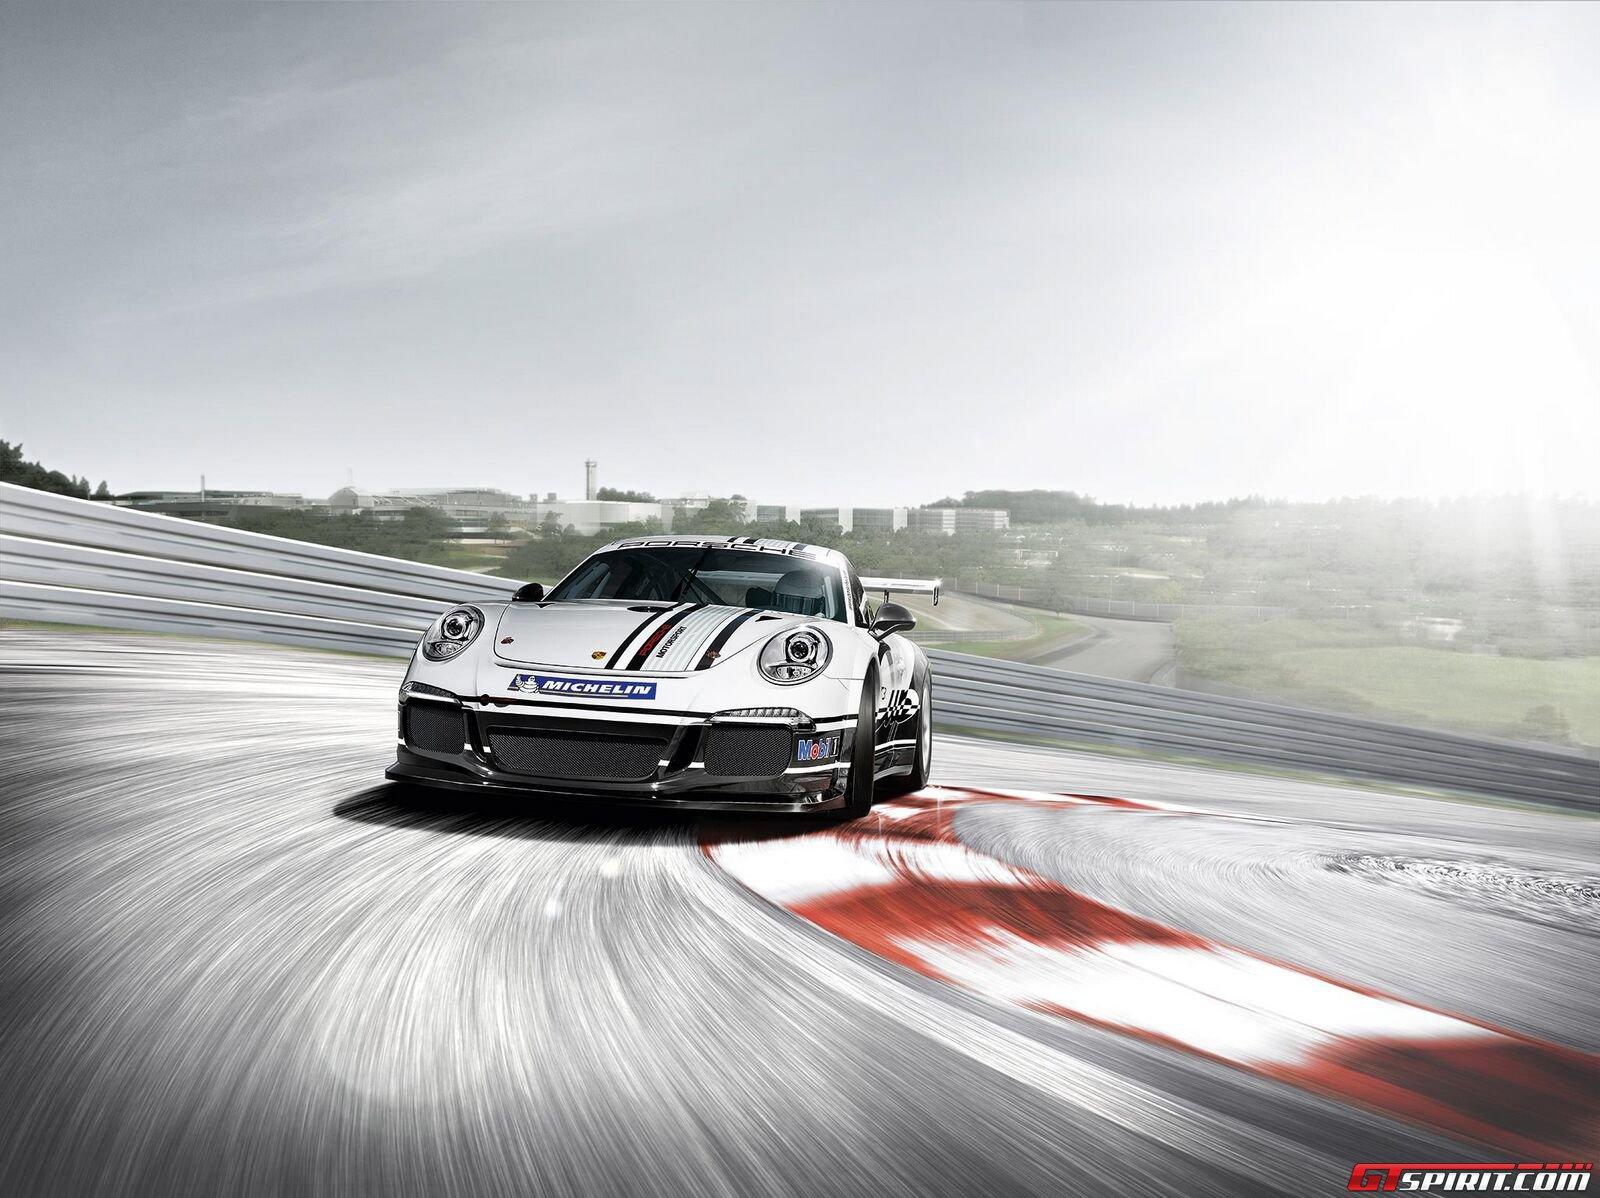 2013 Porsche 911 GT3 Cup - Part 2 Photo 7